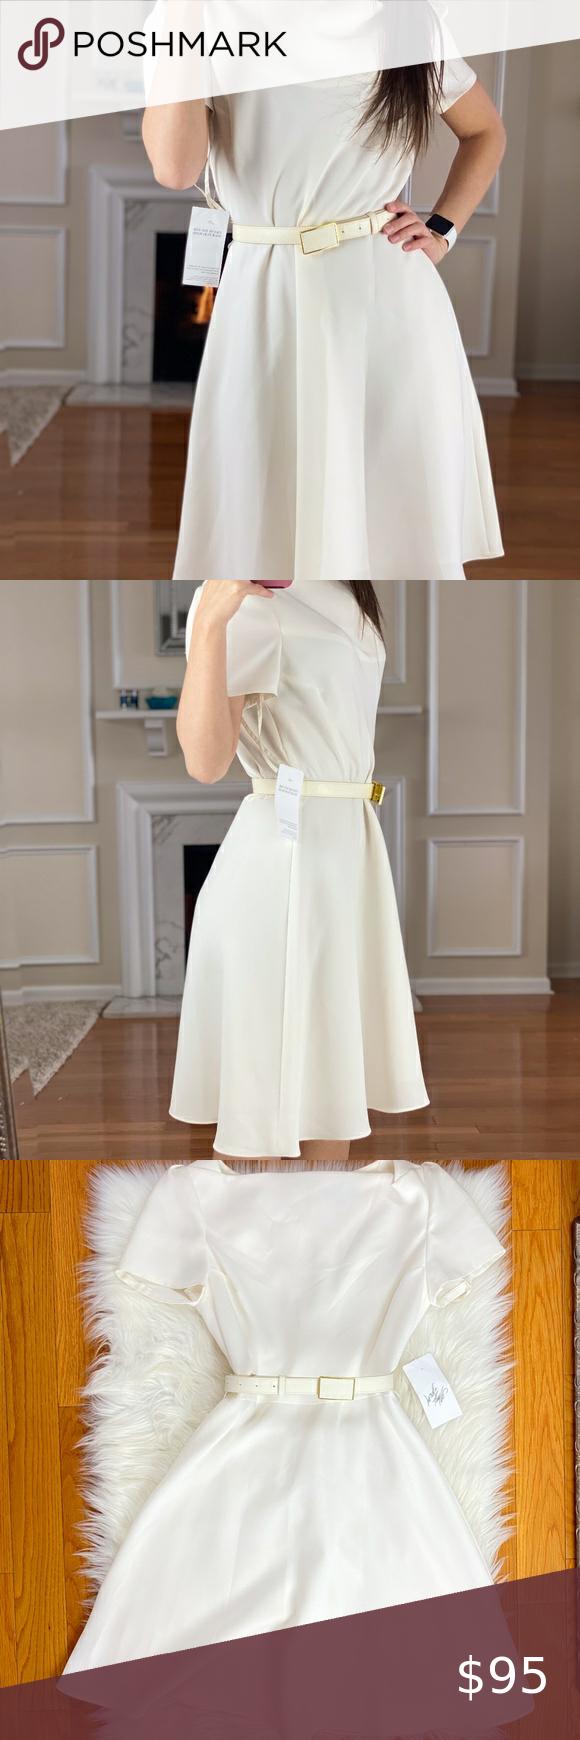 Nwt Tahari Asl Cream Fit Flare Dress 6p Fit Flare Dress Flare Dress Dresses [ 1740 x 580 Pixel ]